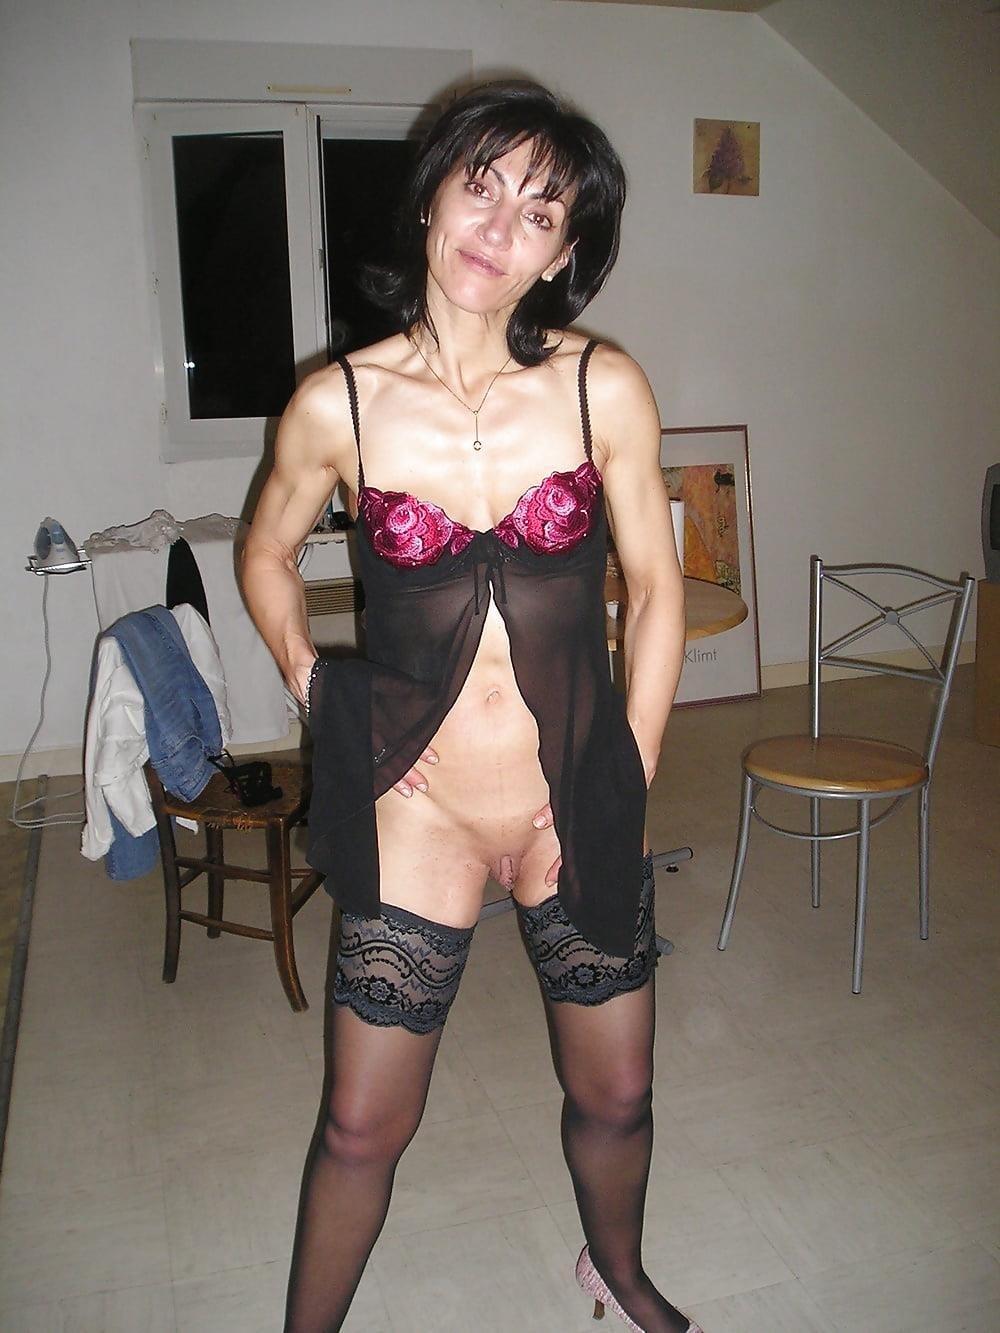 Hot girls bathing naked-4189